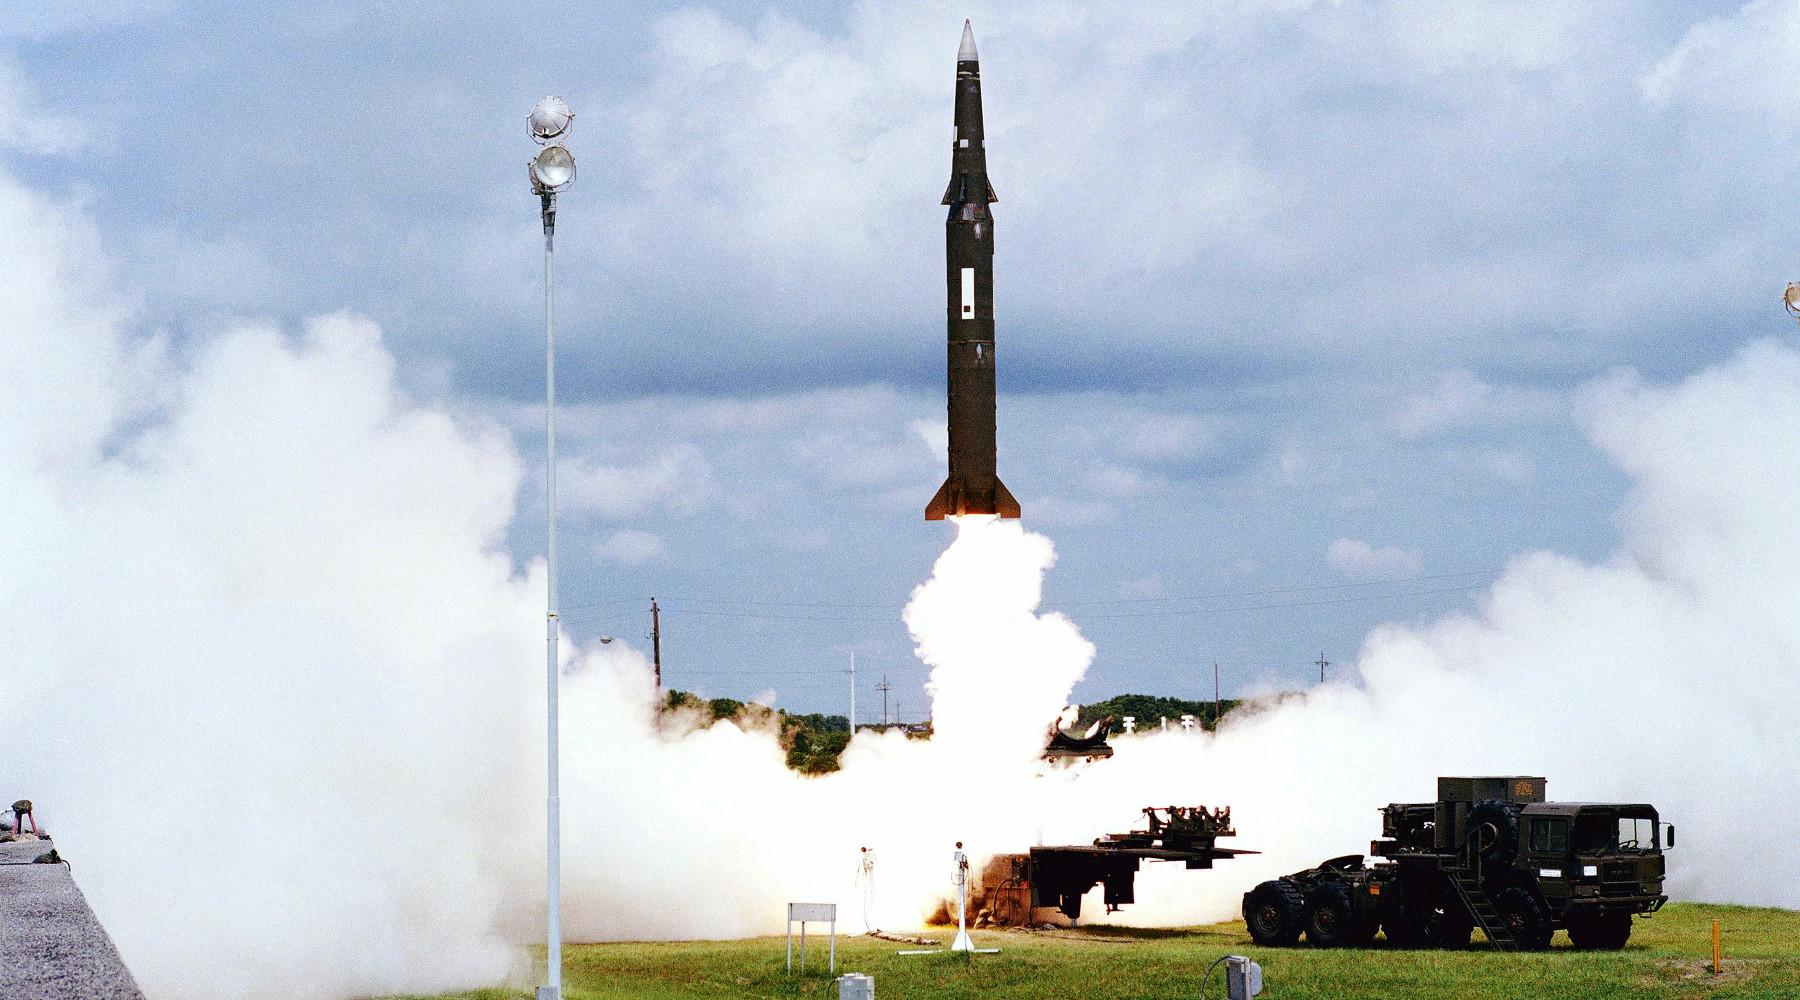 «На грани большой войны»: к чему привело размещение американских ракет средней дальности в Европе в 1983 году